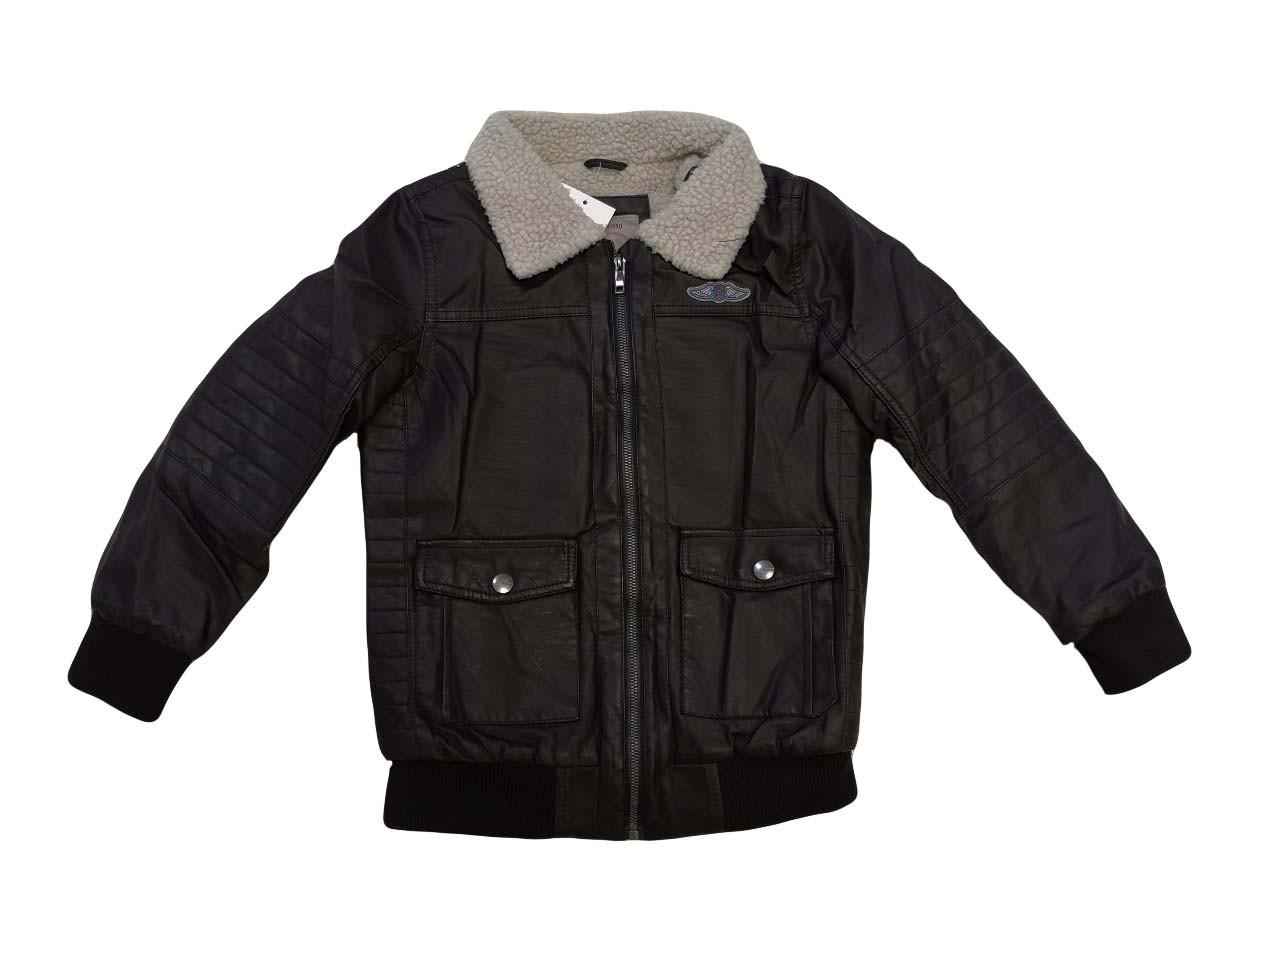 Куртки кожзам на меху для мальчиков оптом, размеры 134/140-170,  Glo-story, арт. ВPY-4424